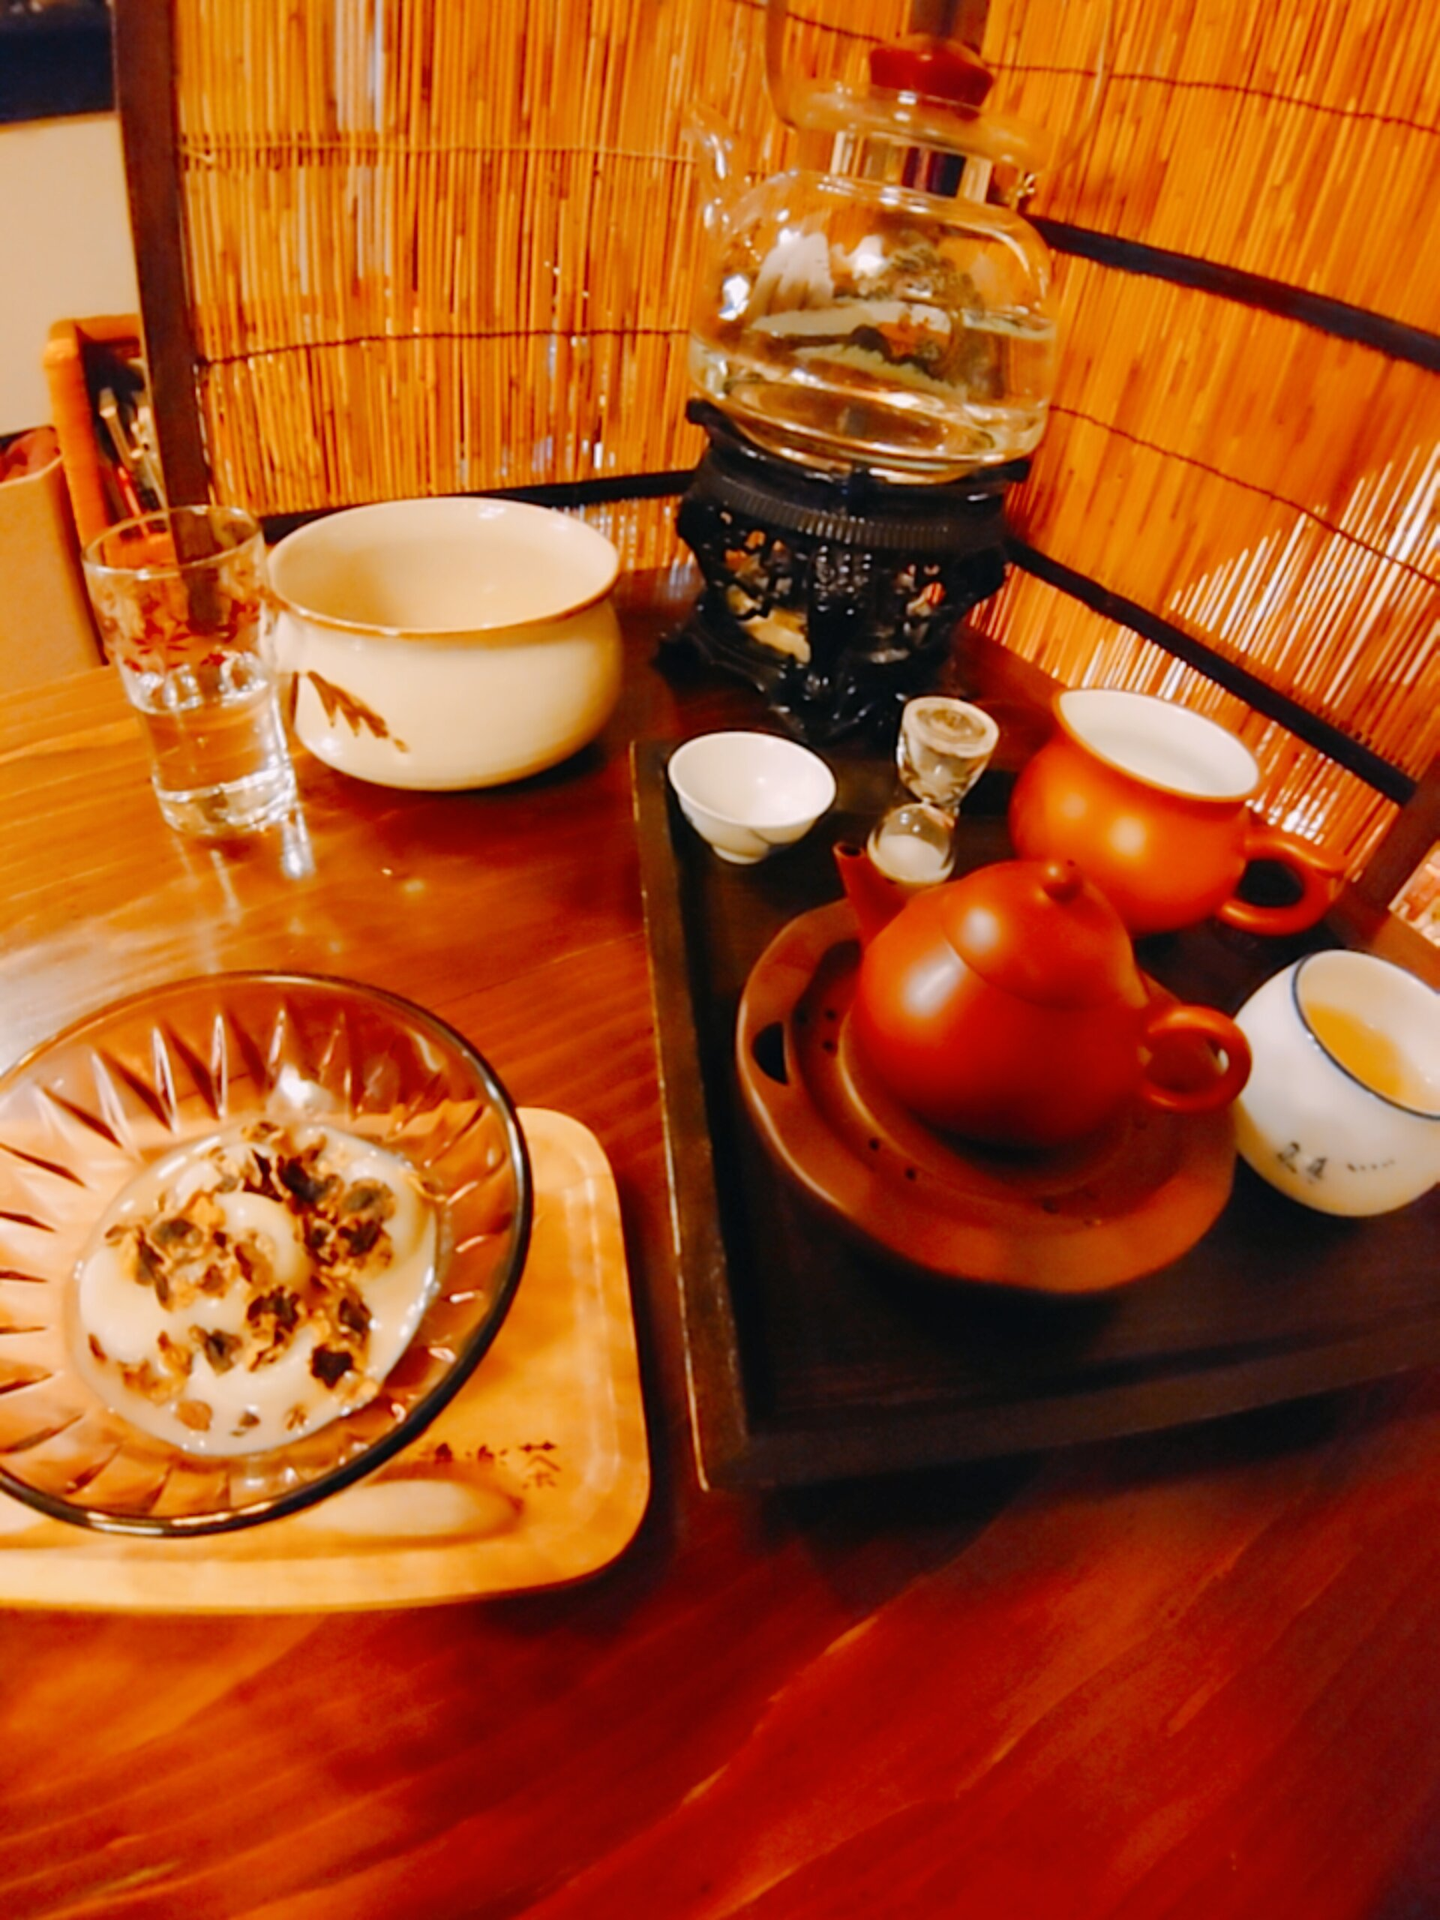 中崎町,カフェ,台湾茶,路地裏,和スイーツ